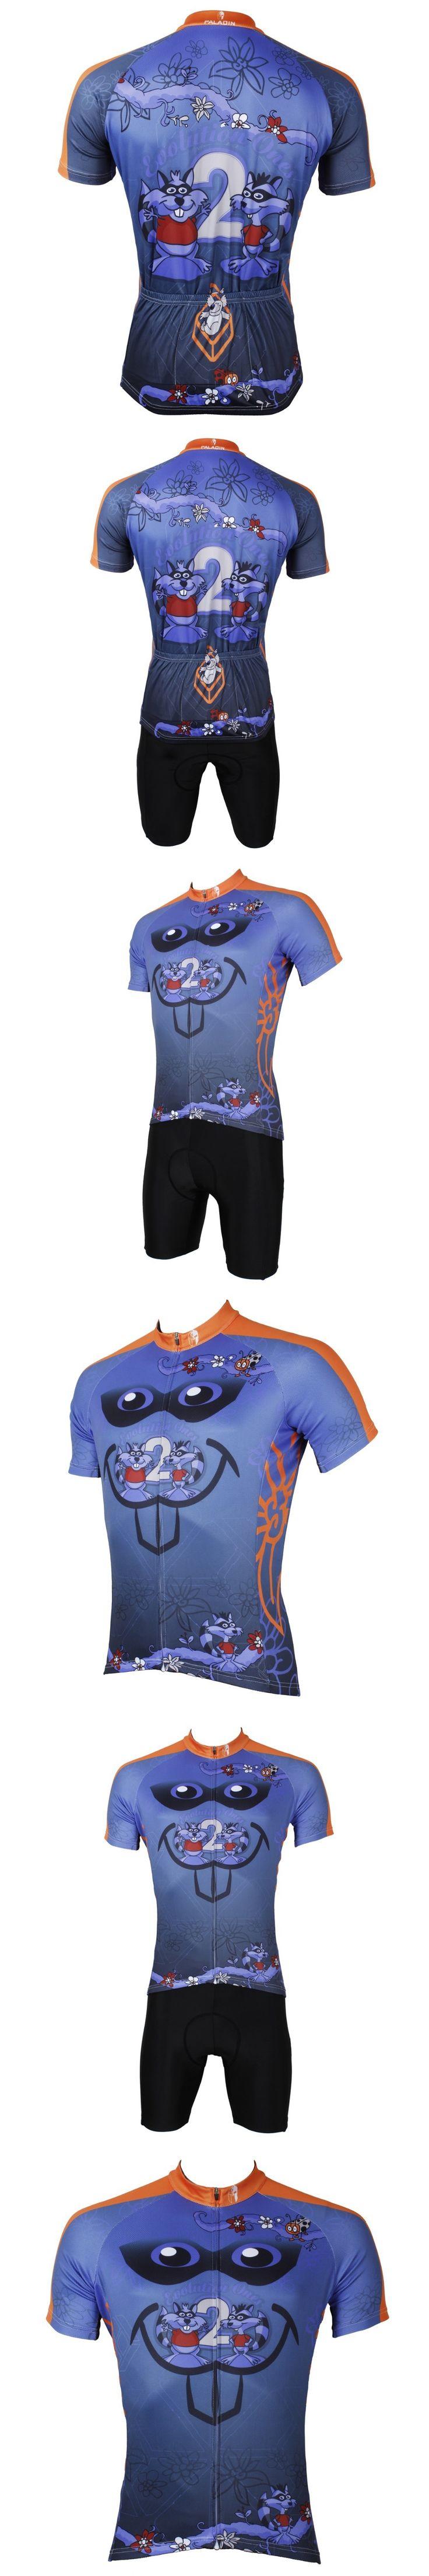 """PALADIN """" Cartoon Rat """" Mens Short Sleeve Cycling Jersey Bike Shirt Cycling Clothing"""